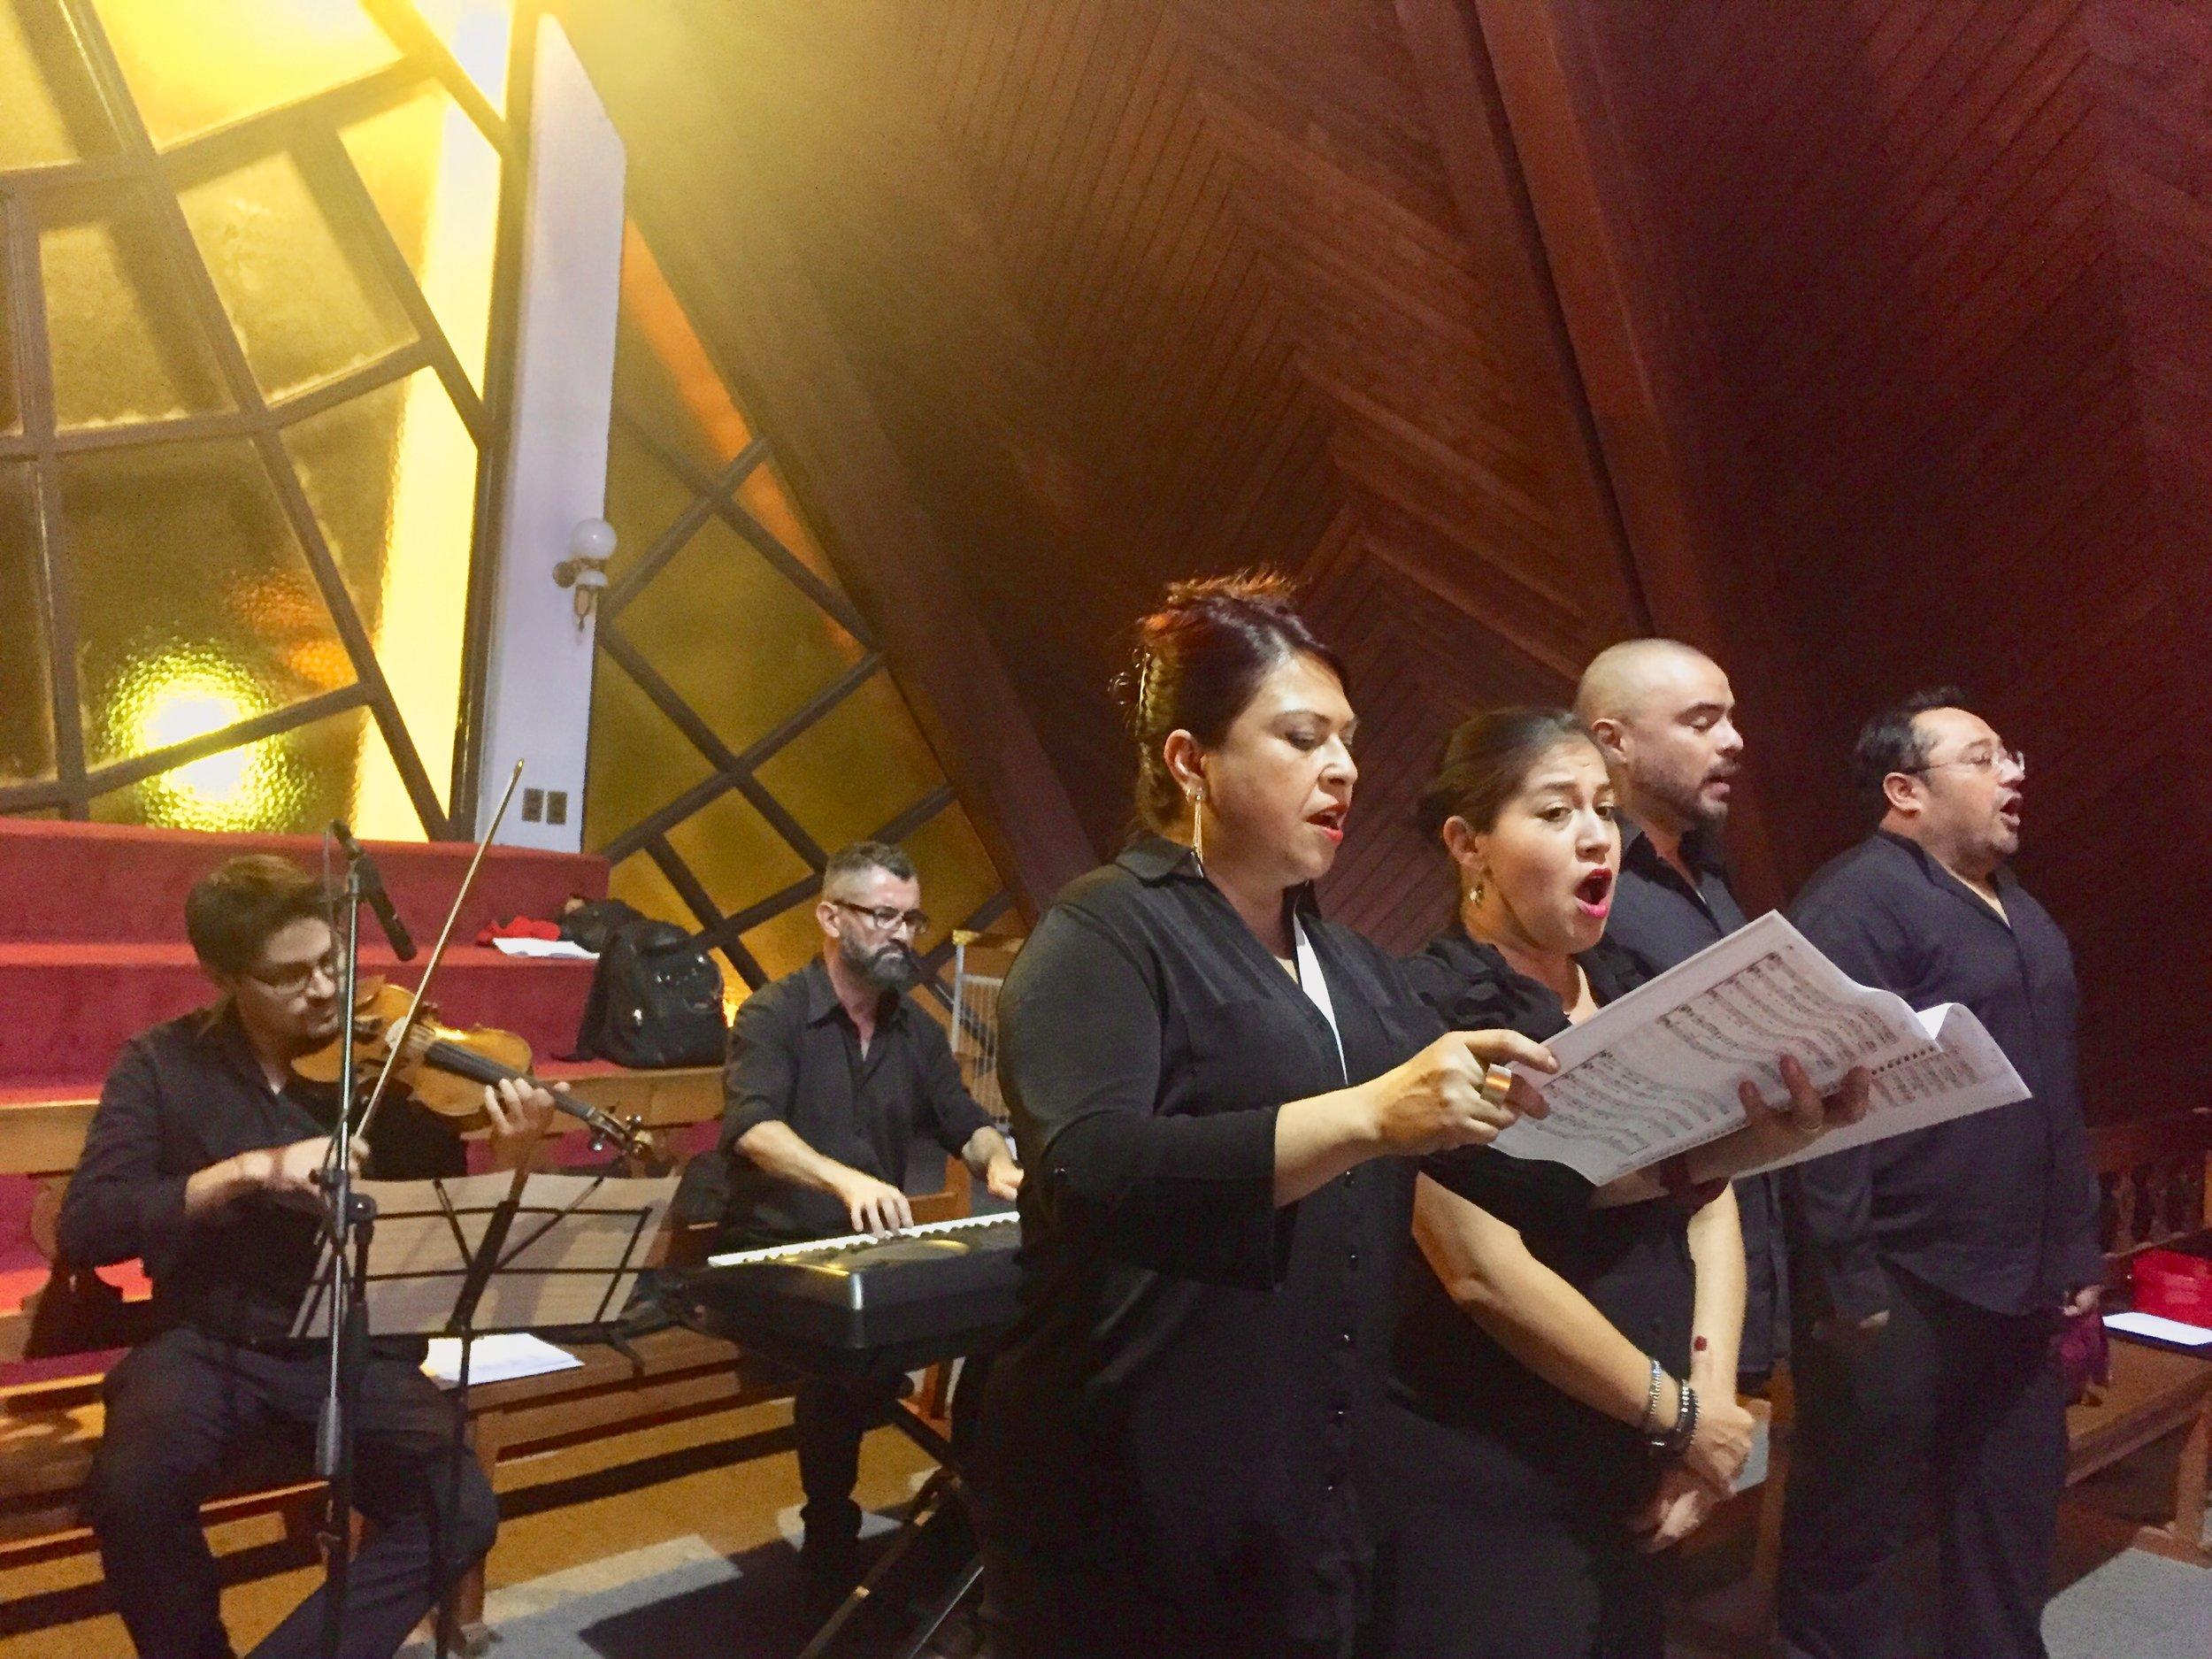 coro ceremonia religiosa musicos chile